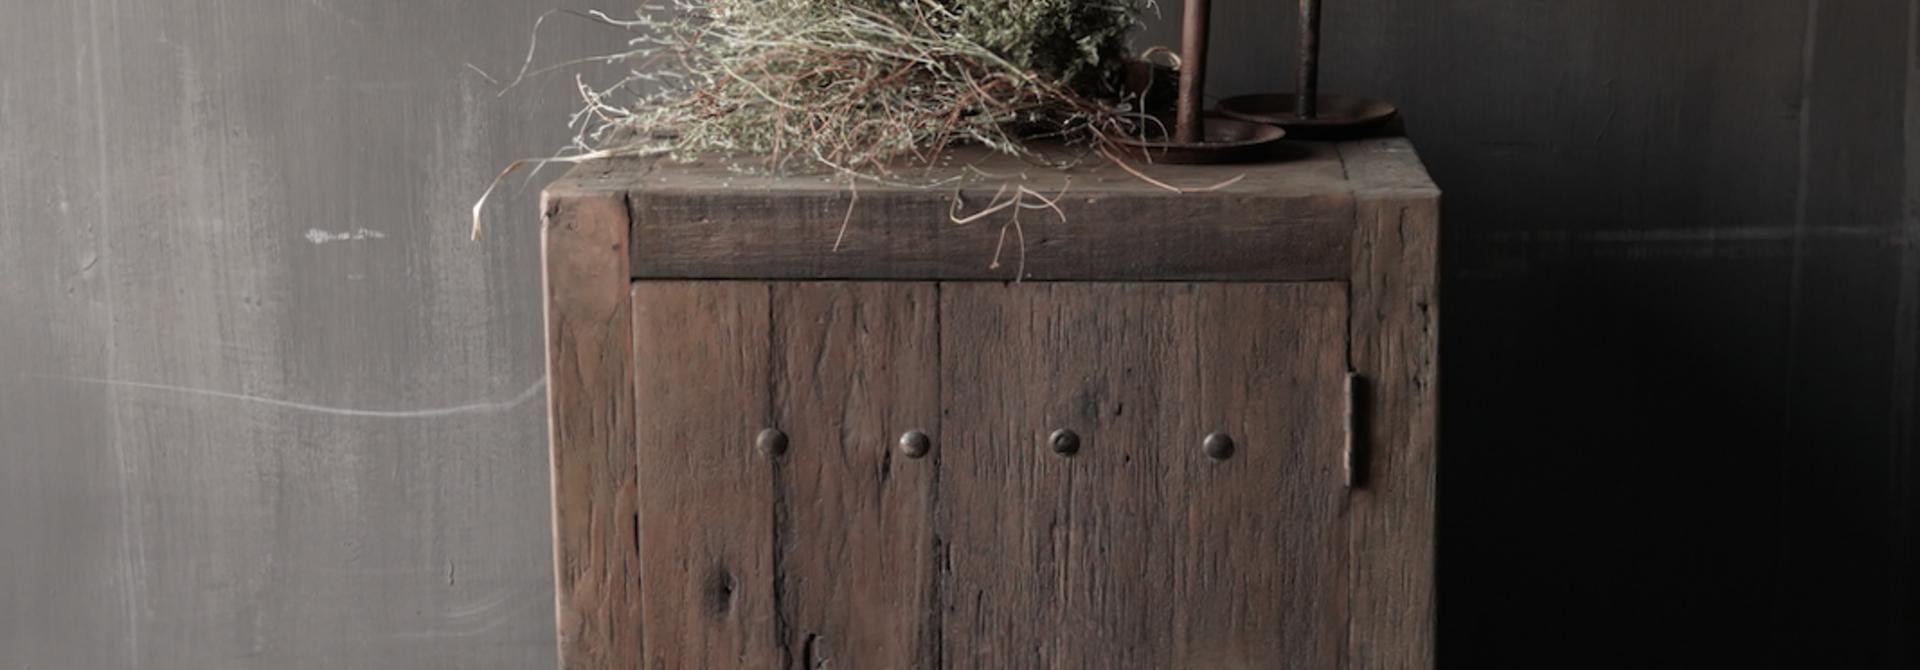 Stoer eendeurs  kastje  van robuust hout